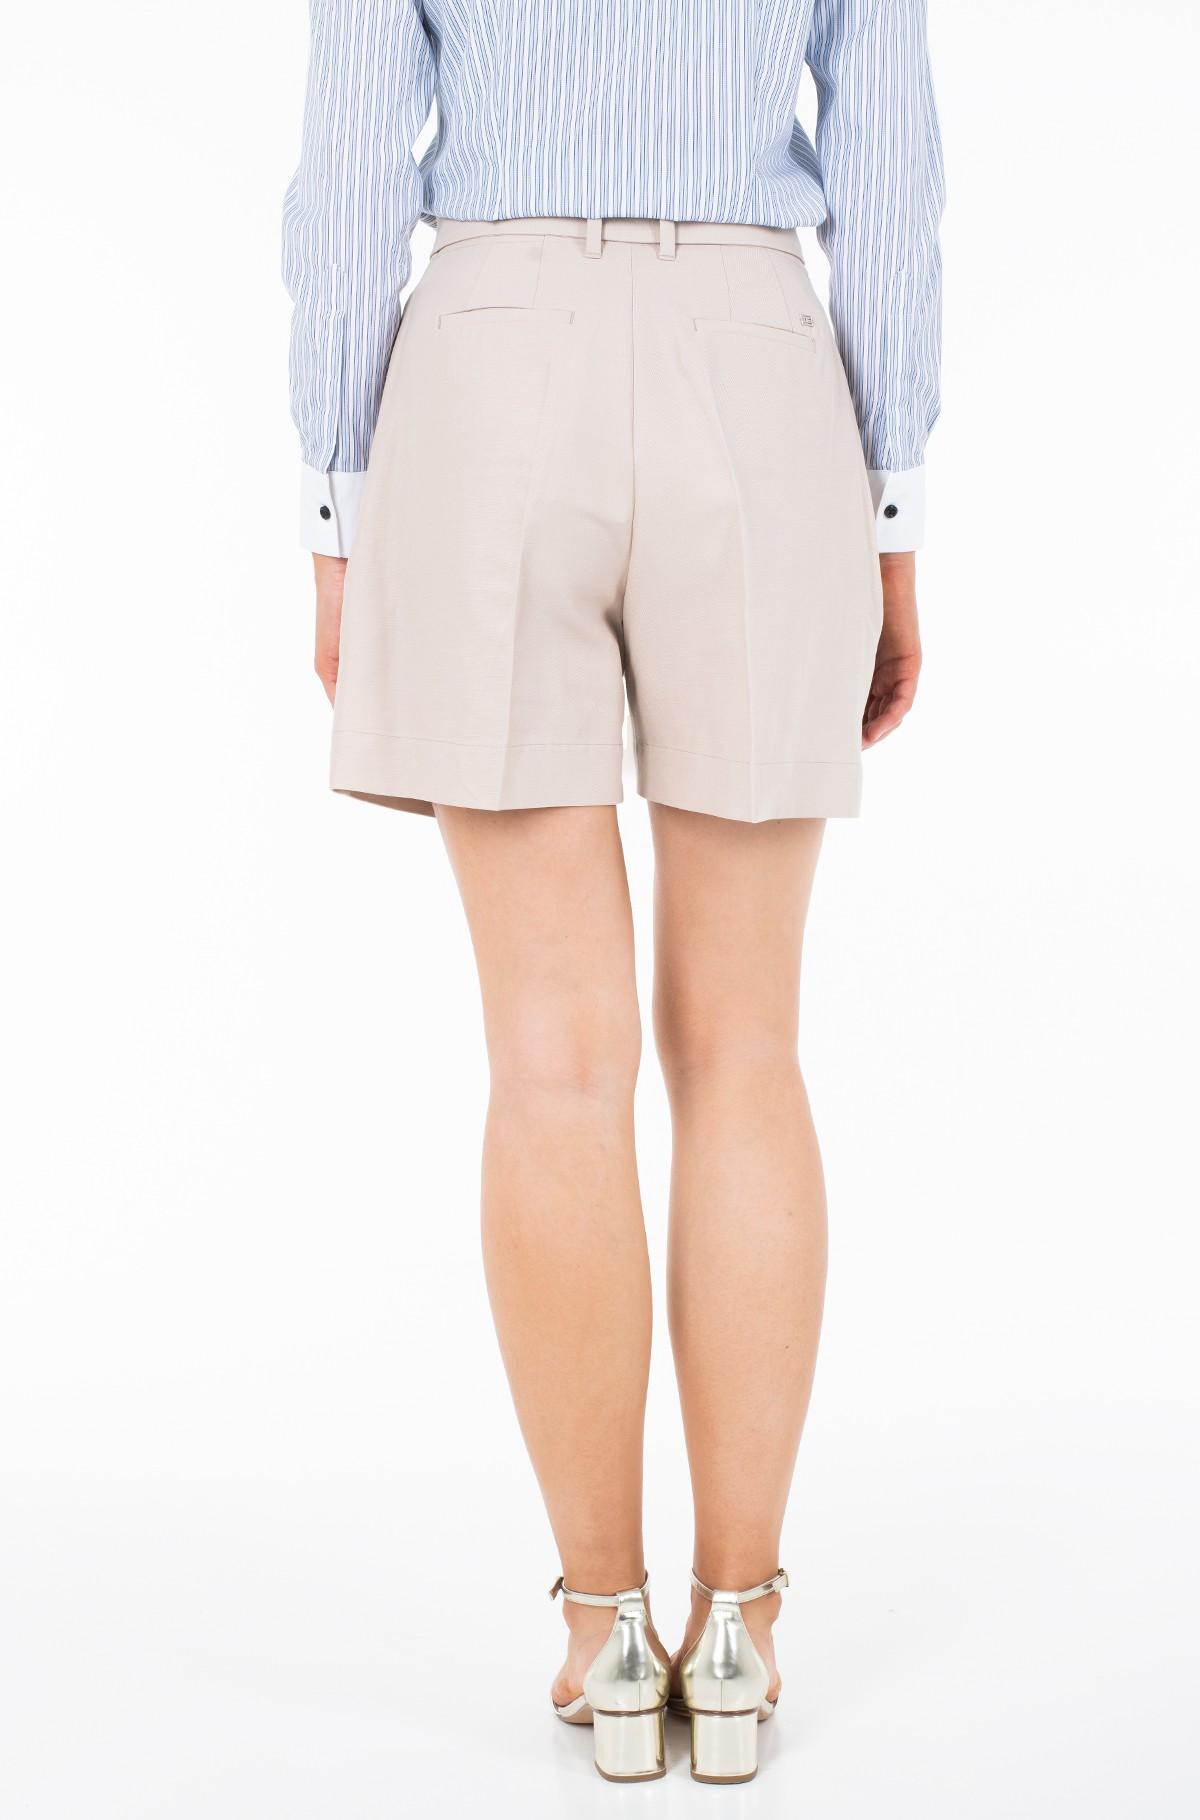 Lühikesed püksid CAROLINA HW BERMUDA-full-2